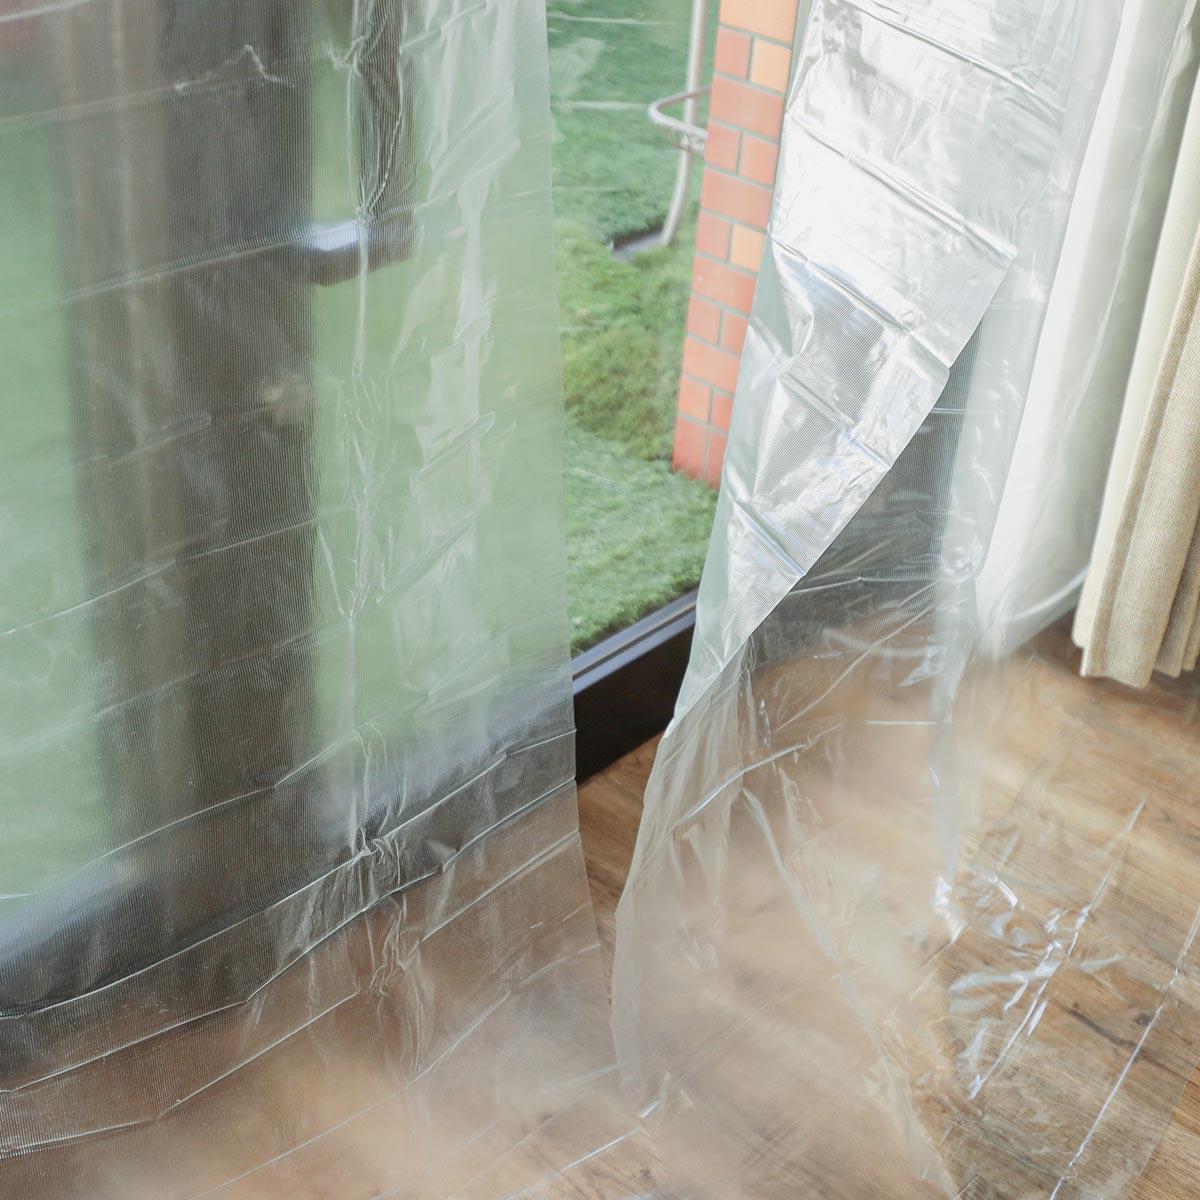 断熱カーテンライナー イメージ写真4